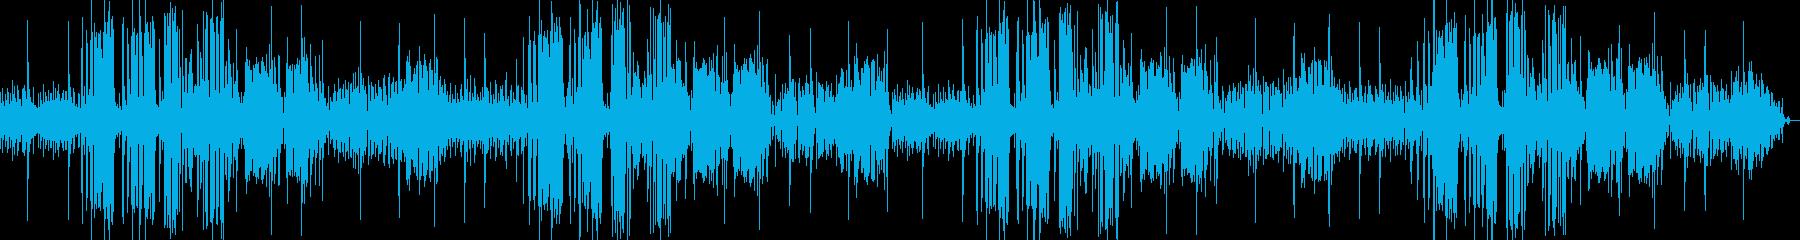 おしゃれなジャズの雰囲気漂うBGMの再生済みの波形